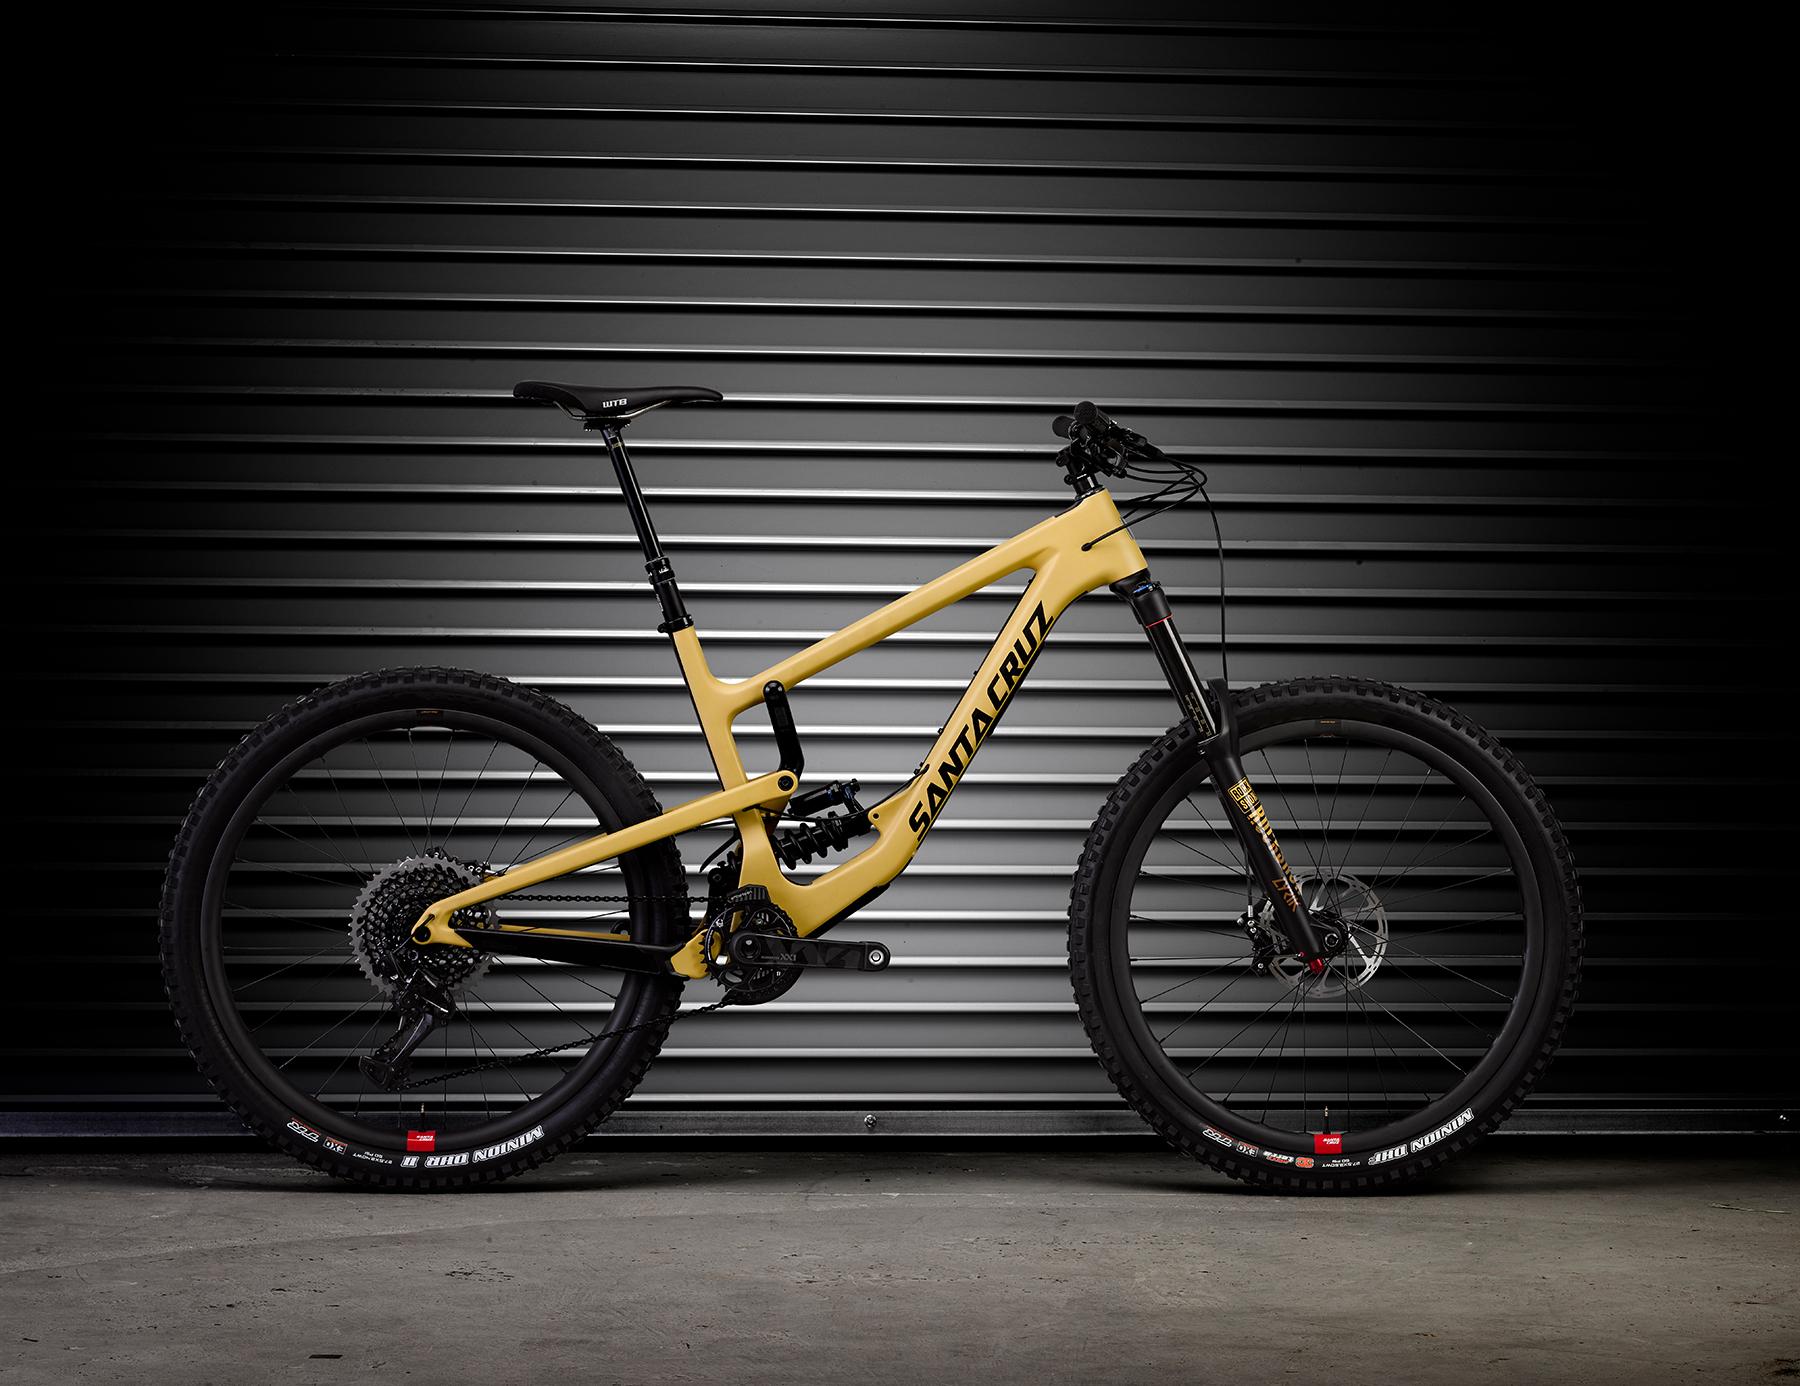 Das neue Nomad unterscheidet sich nicht nur optisch deutlich von seinem Vorgänger. Es ist ein komplett neues Bike mit Anlehnungen am V10.